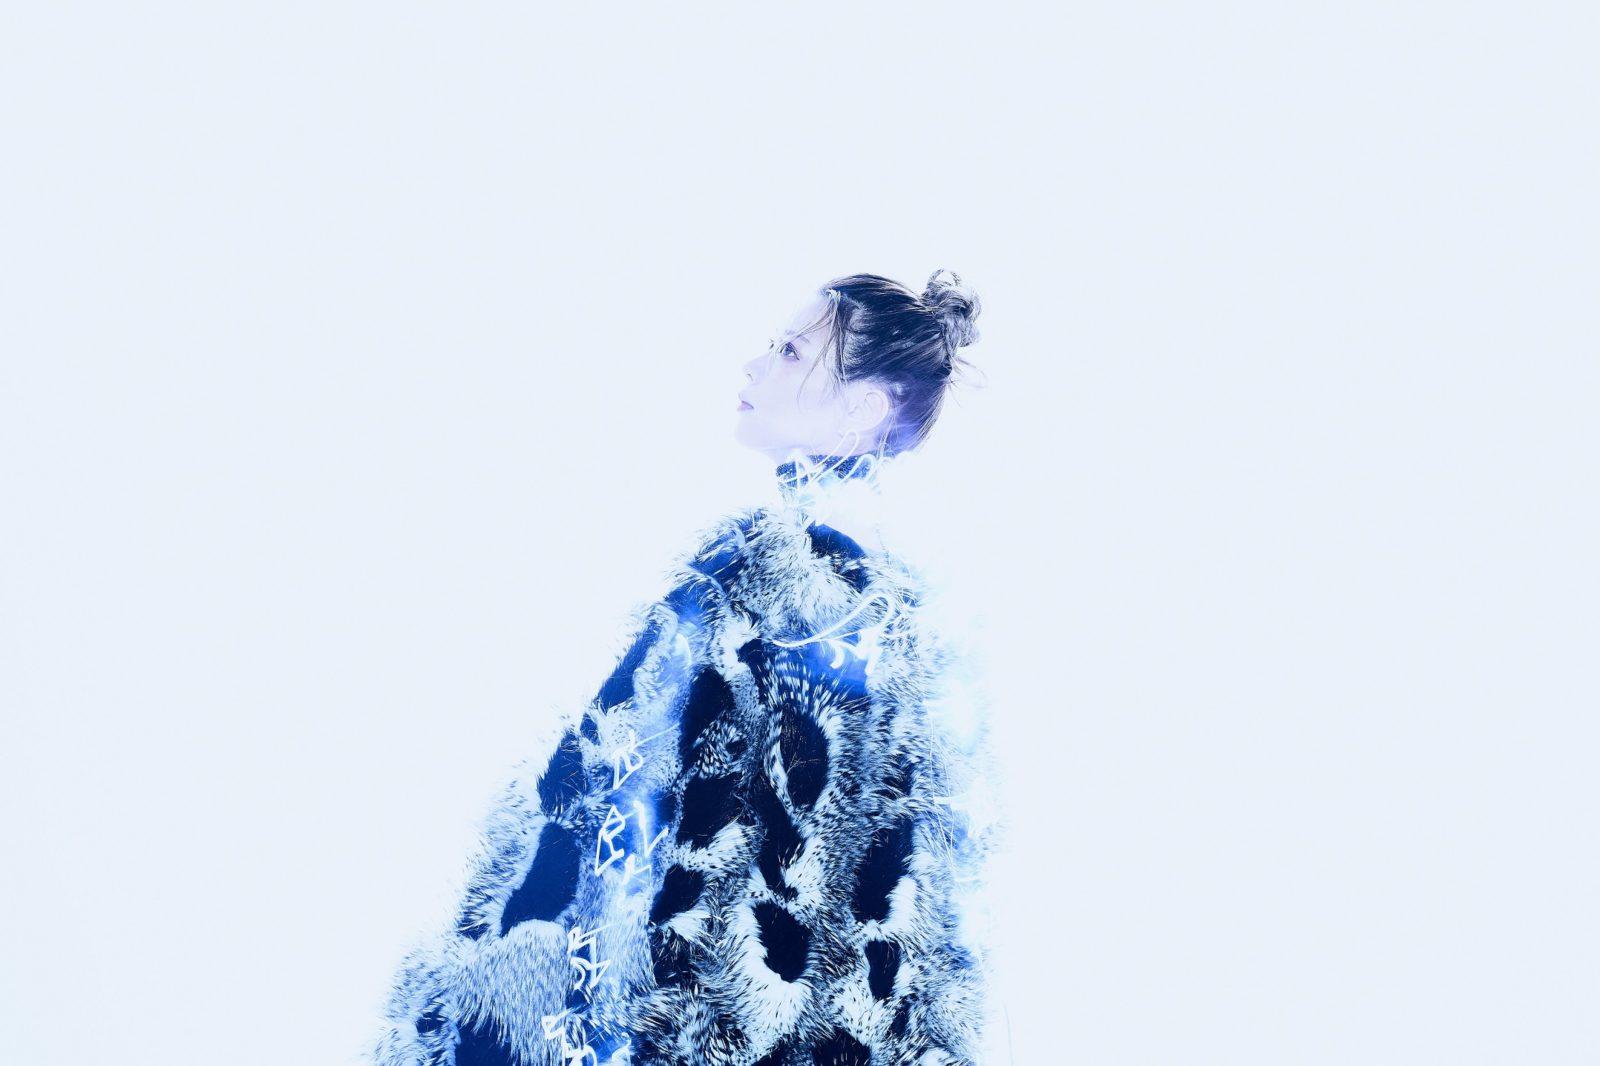 ロザリーナ、表現の幅を広げたワンマンライブ&新作MVを公開サムネイル画像